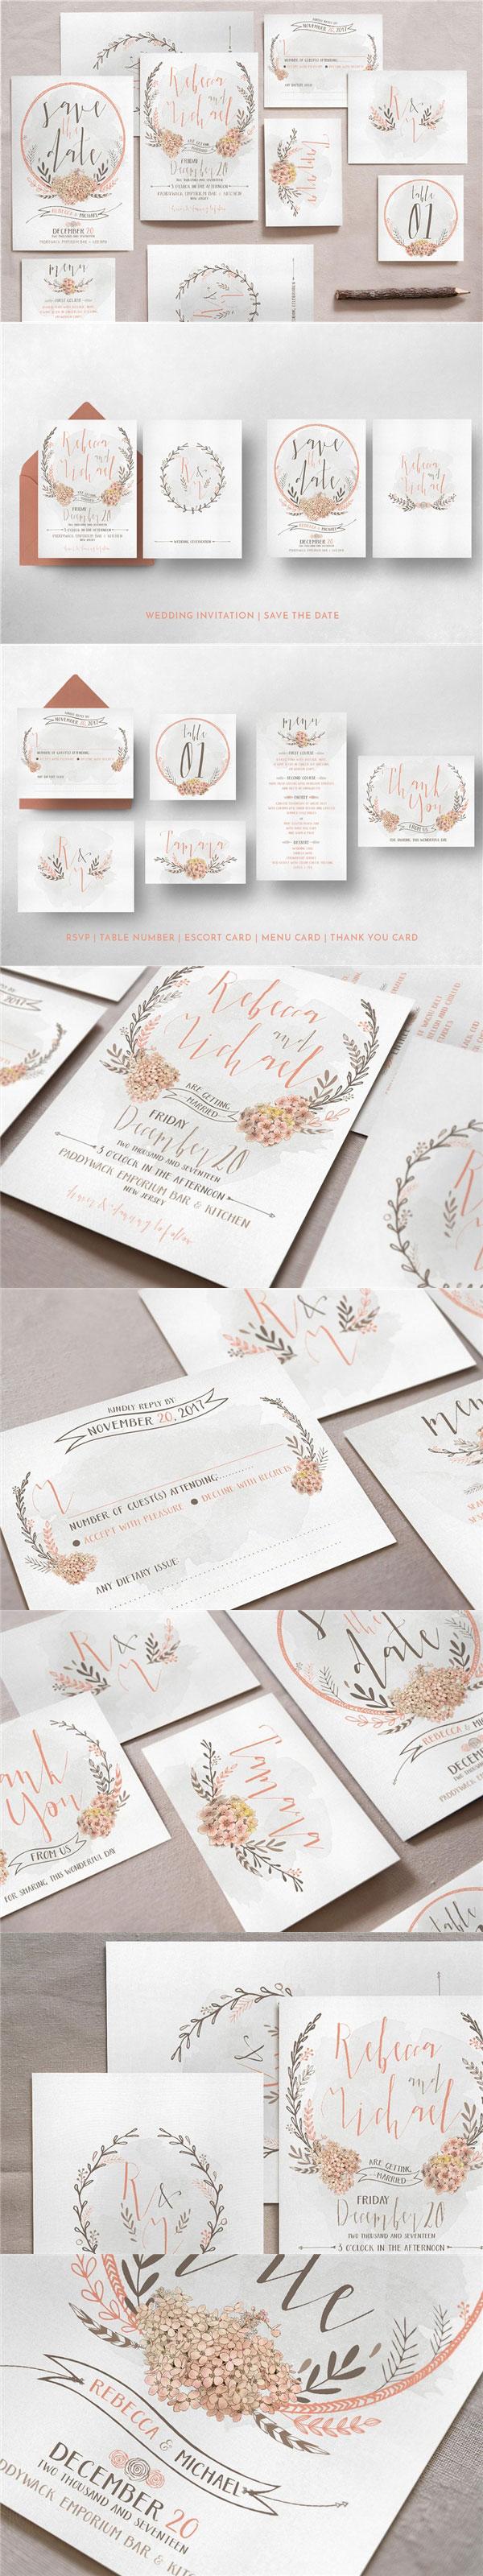 婚礼主题设计